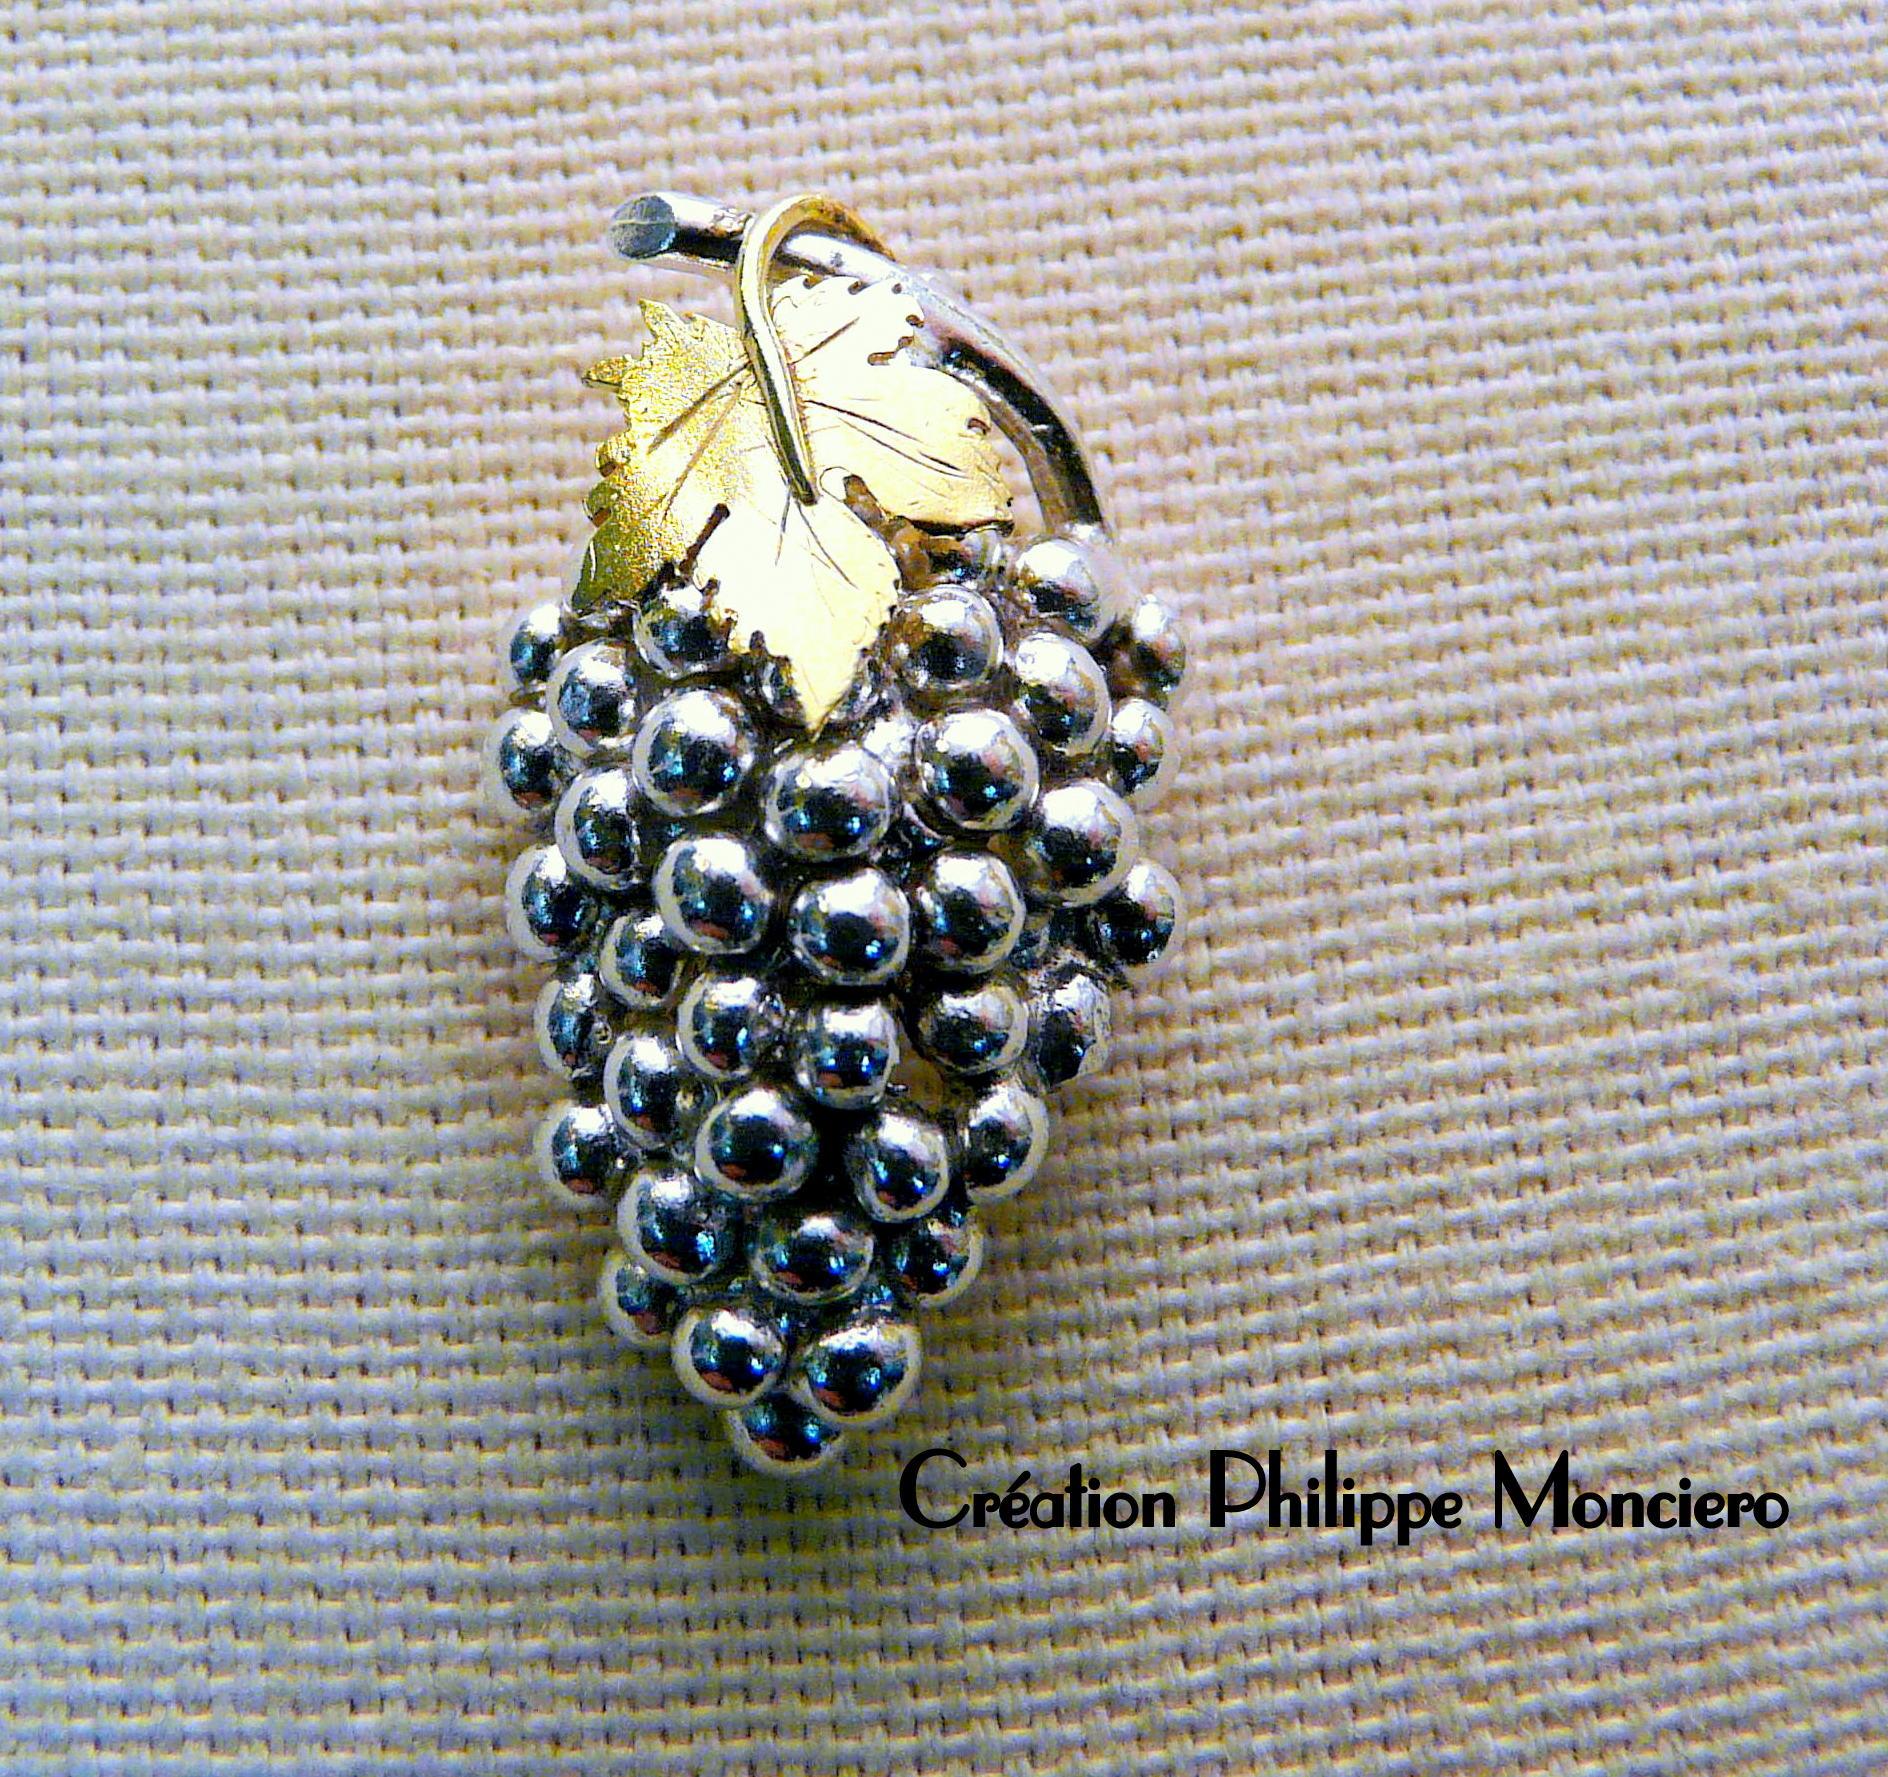 Grappe de raisin en argent et or jaune. Monciero - Nîmes